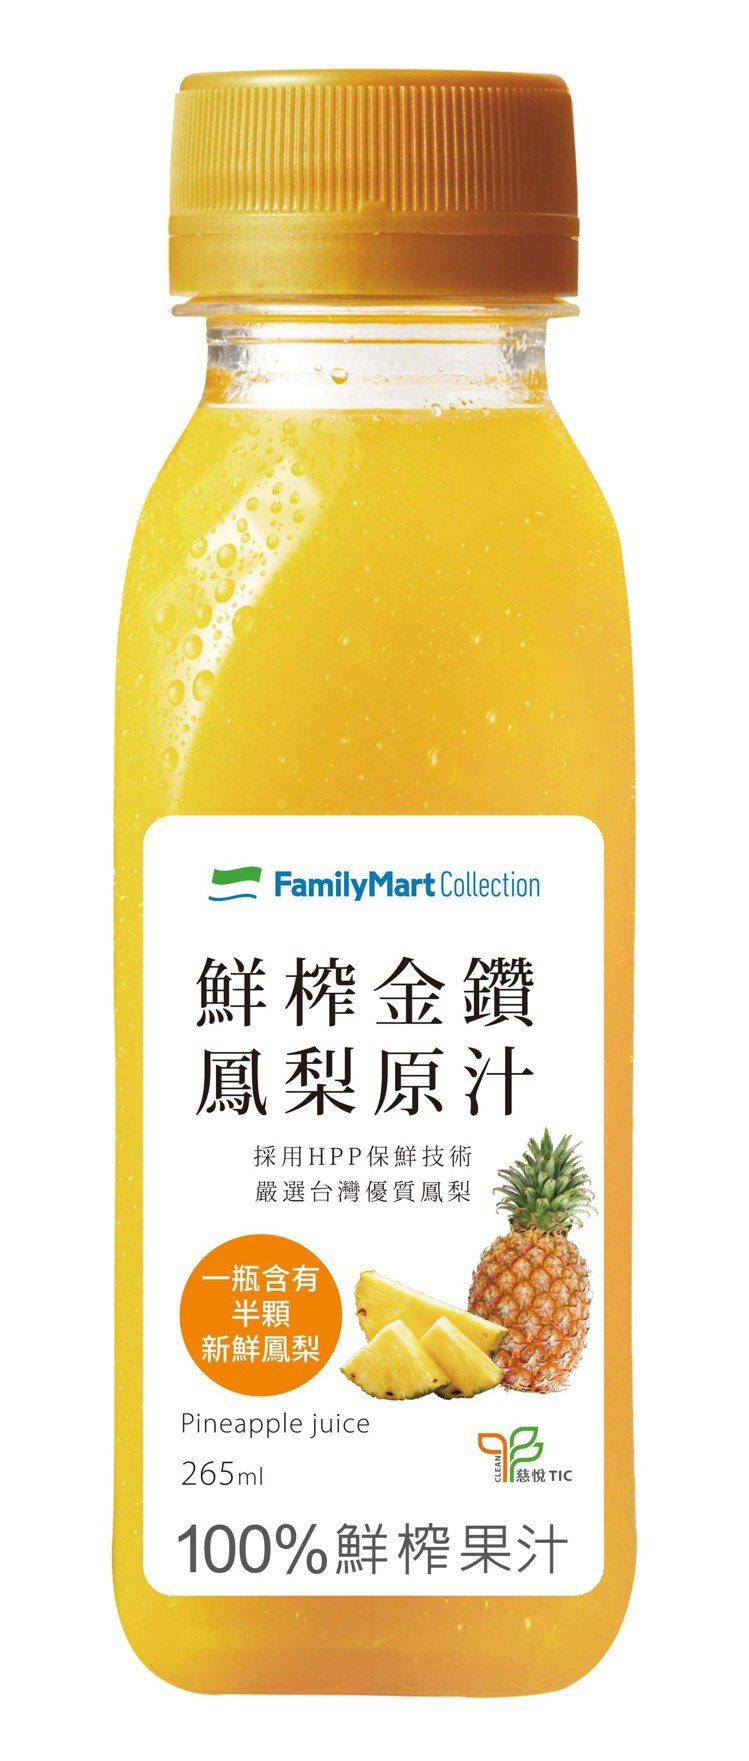 全家便利商店4月7日起推出「FMC鮮榨金鑽鳳梨原汁」,售價40元。圖/全家便利商...